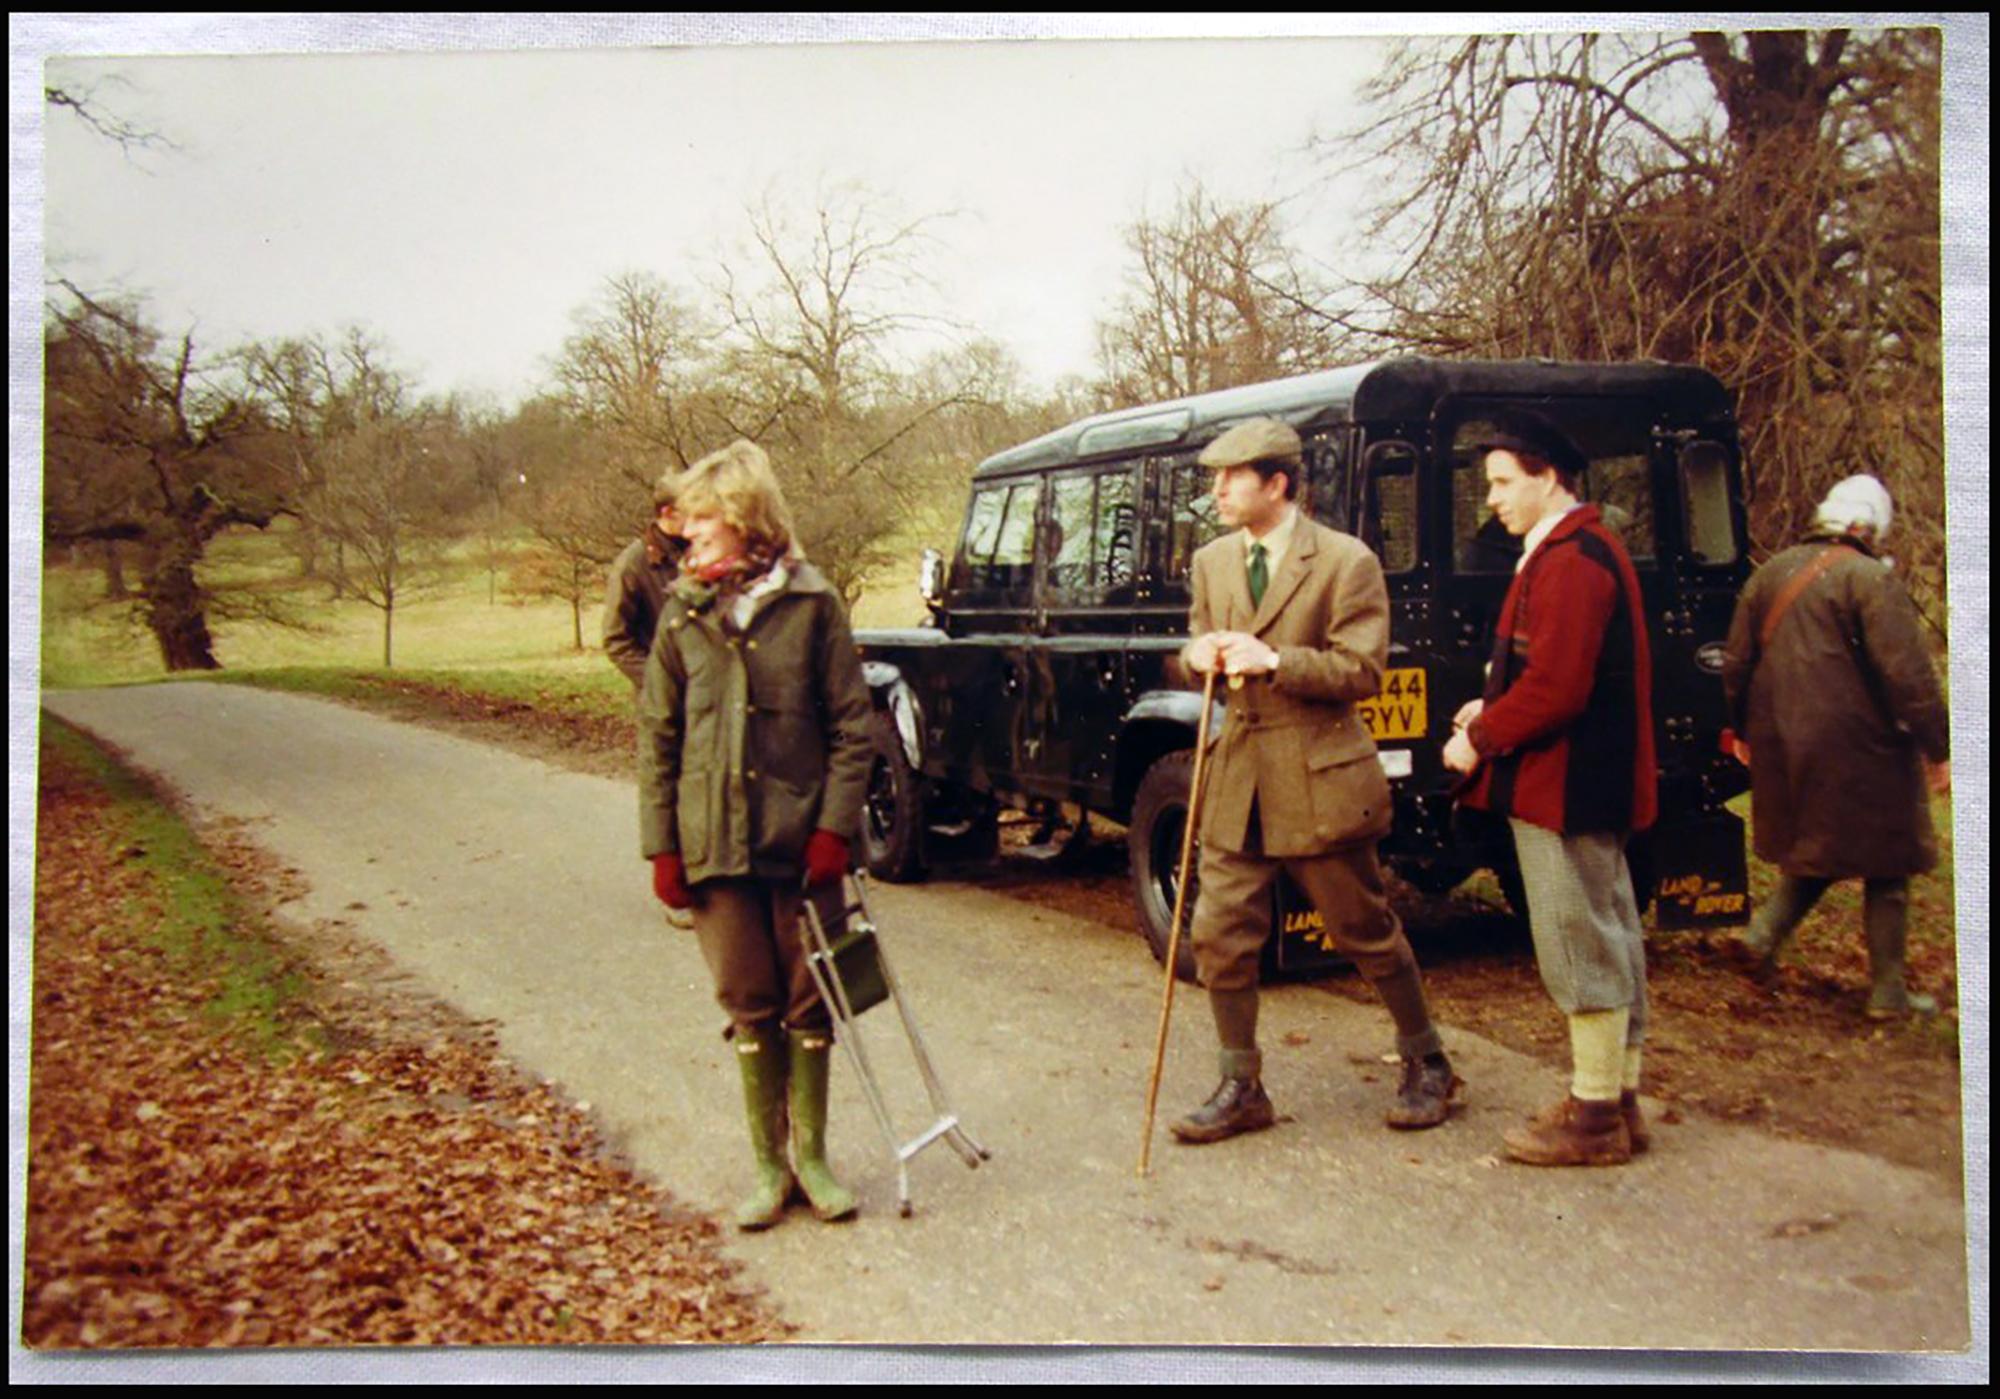 Diana hercegnő vadászat közben